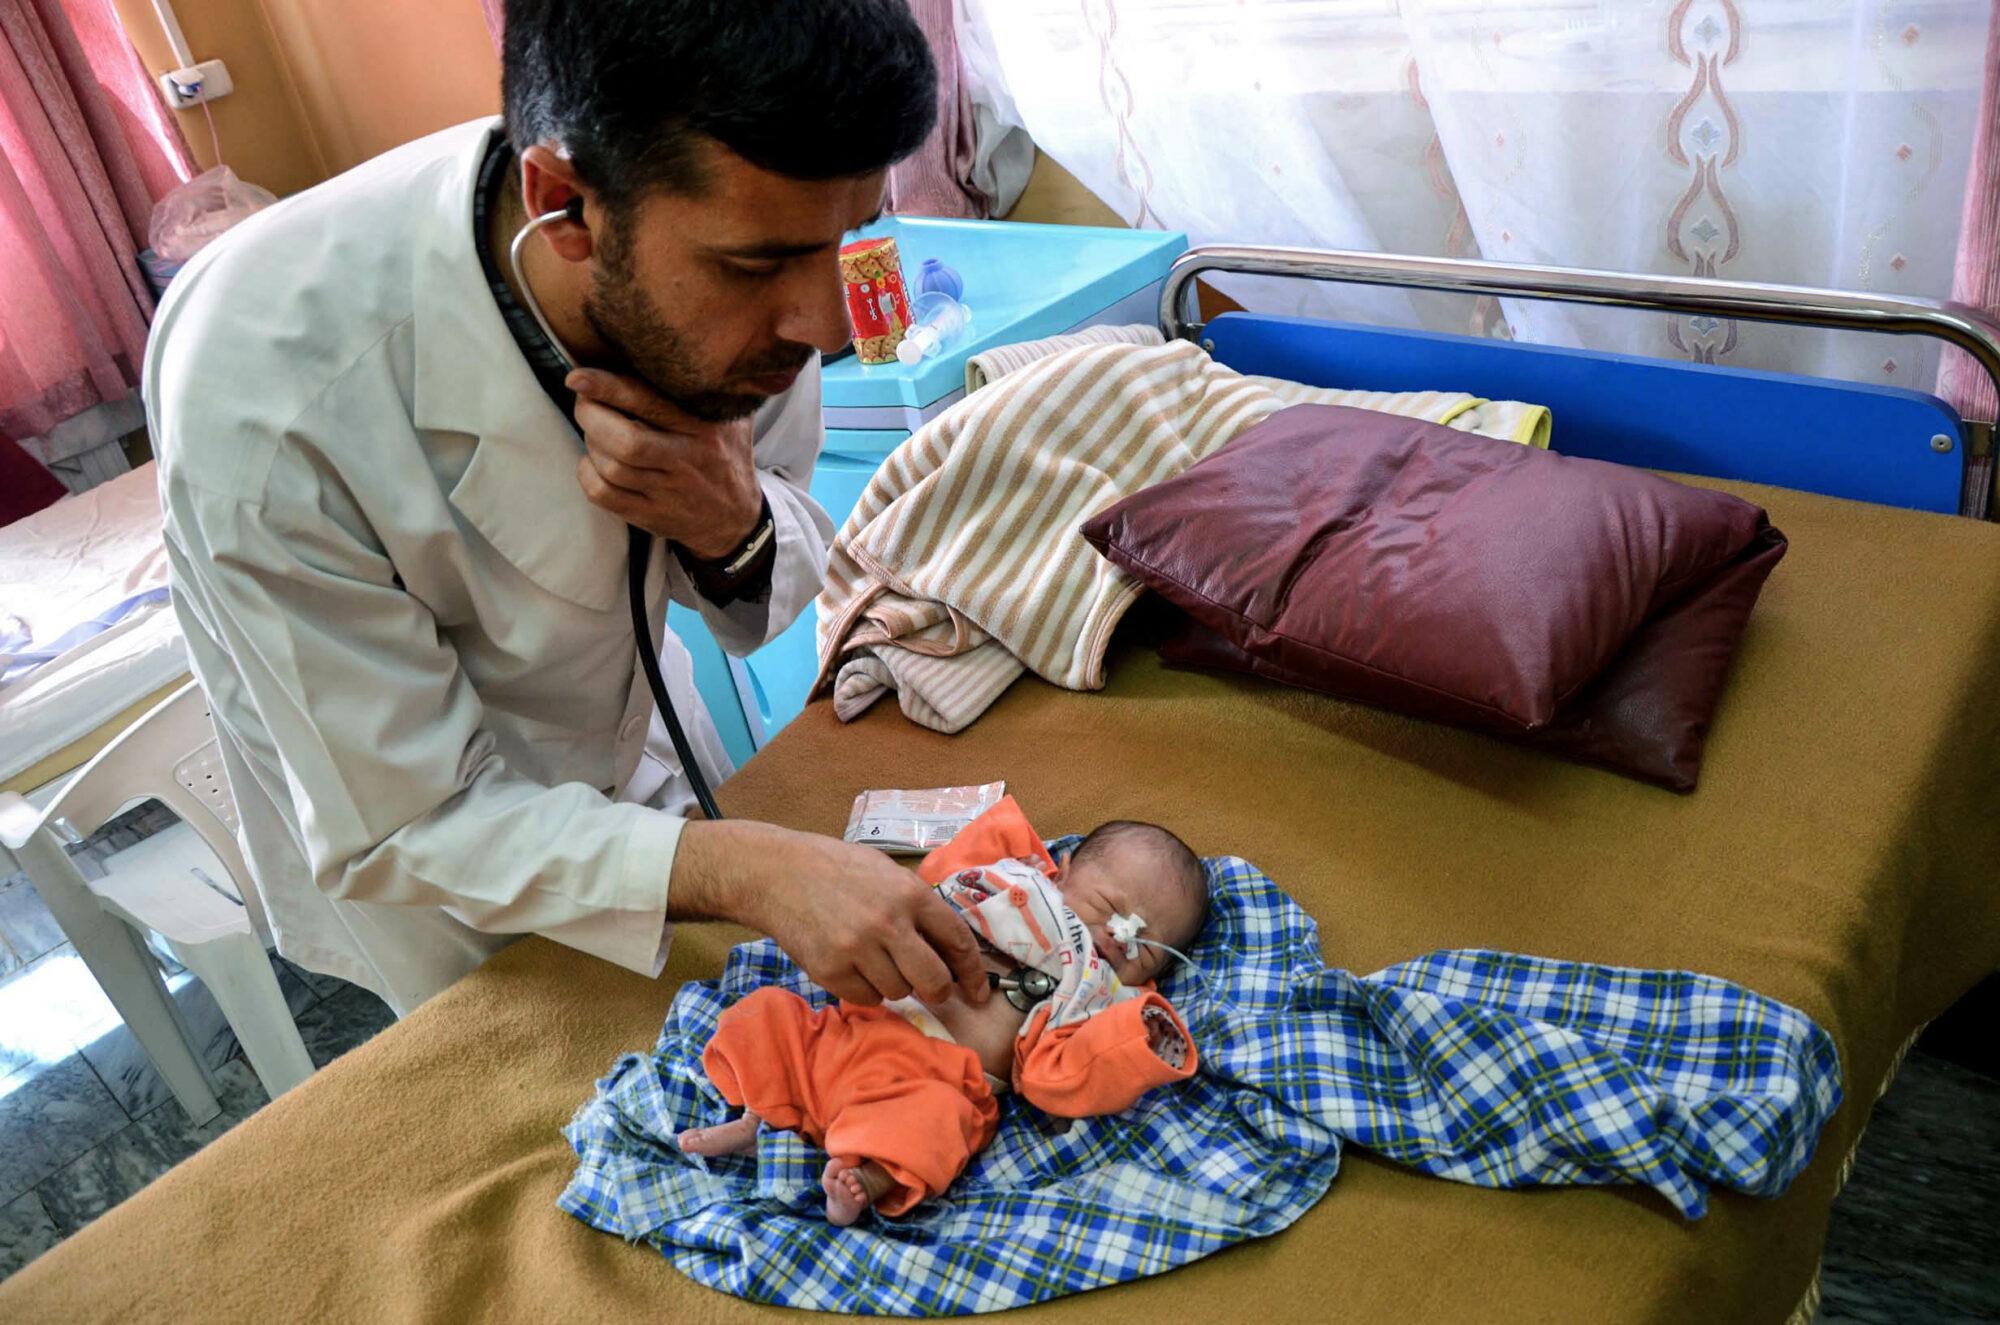 Lääkärit Ilman Rajoja -järjestön lääkäri kuuntelee pienen keskosen rintaa sairaalassa Kabulissa.